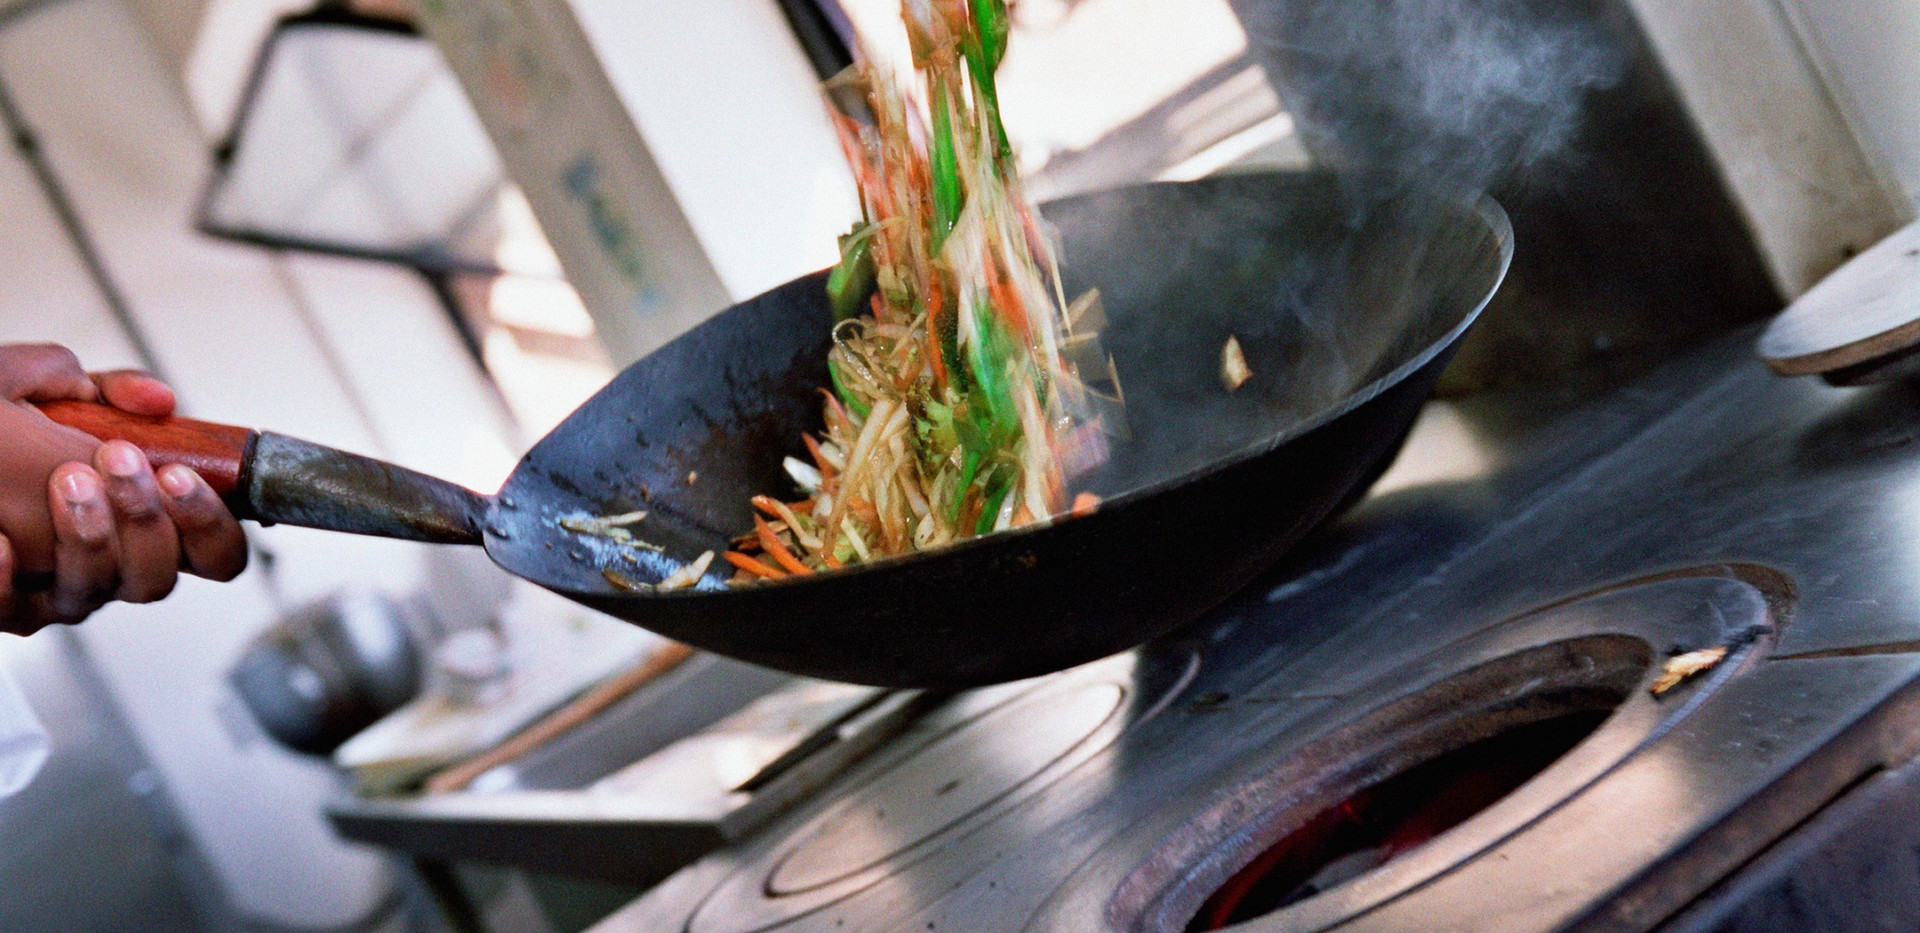 TIA's Table Stir Fry